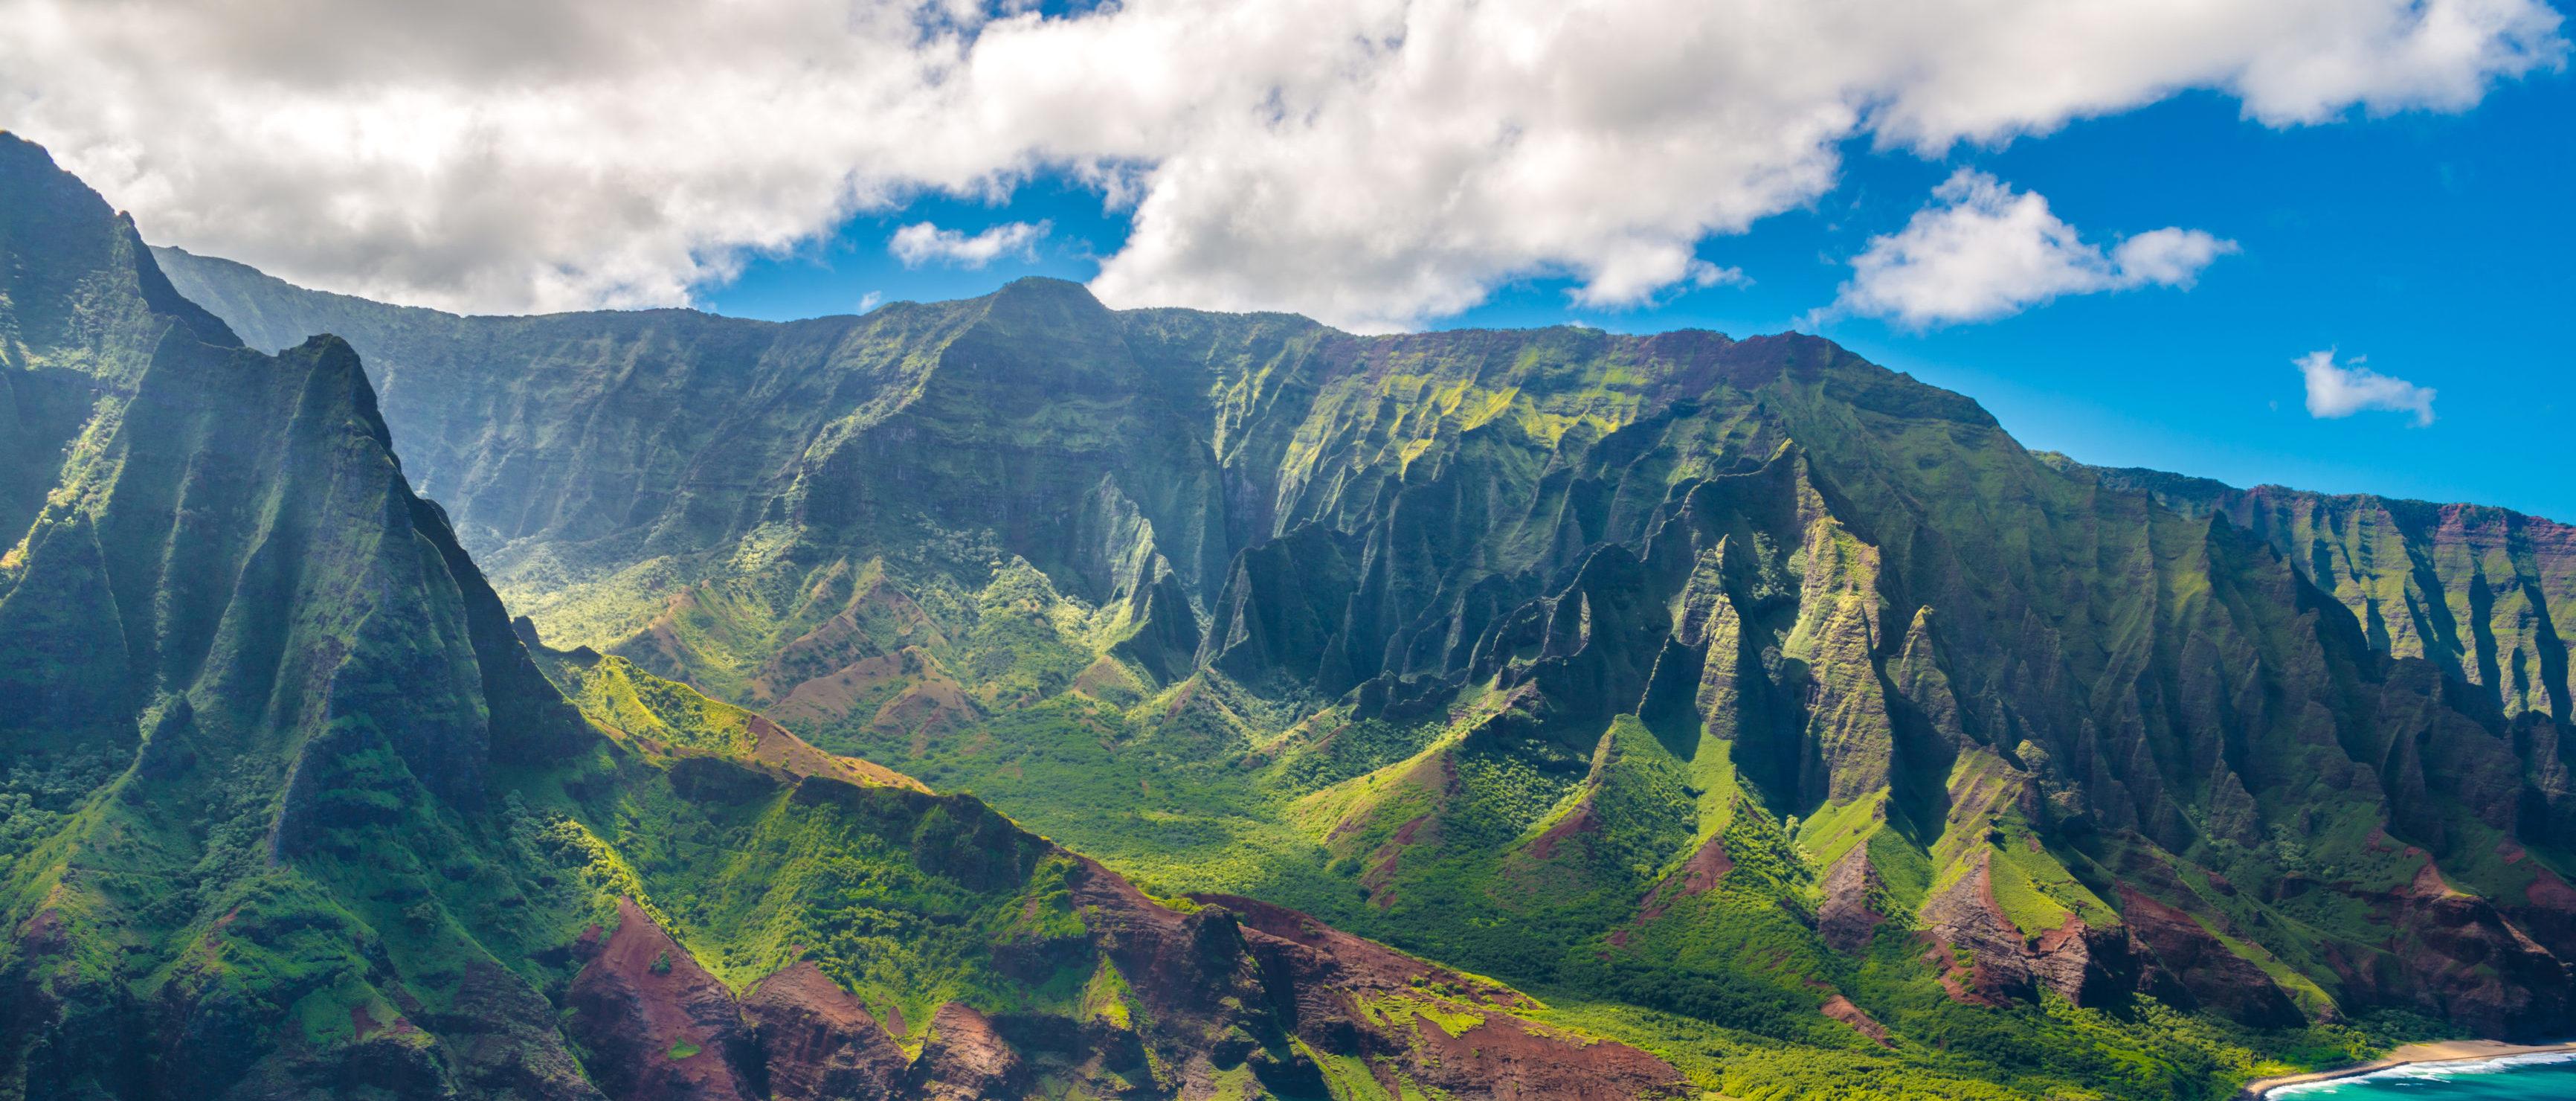 Kauai Mountains